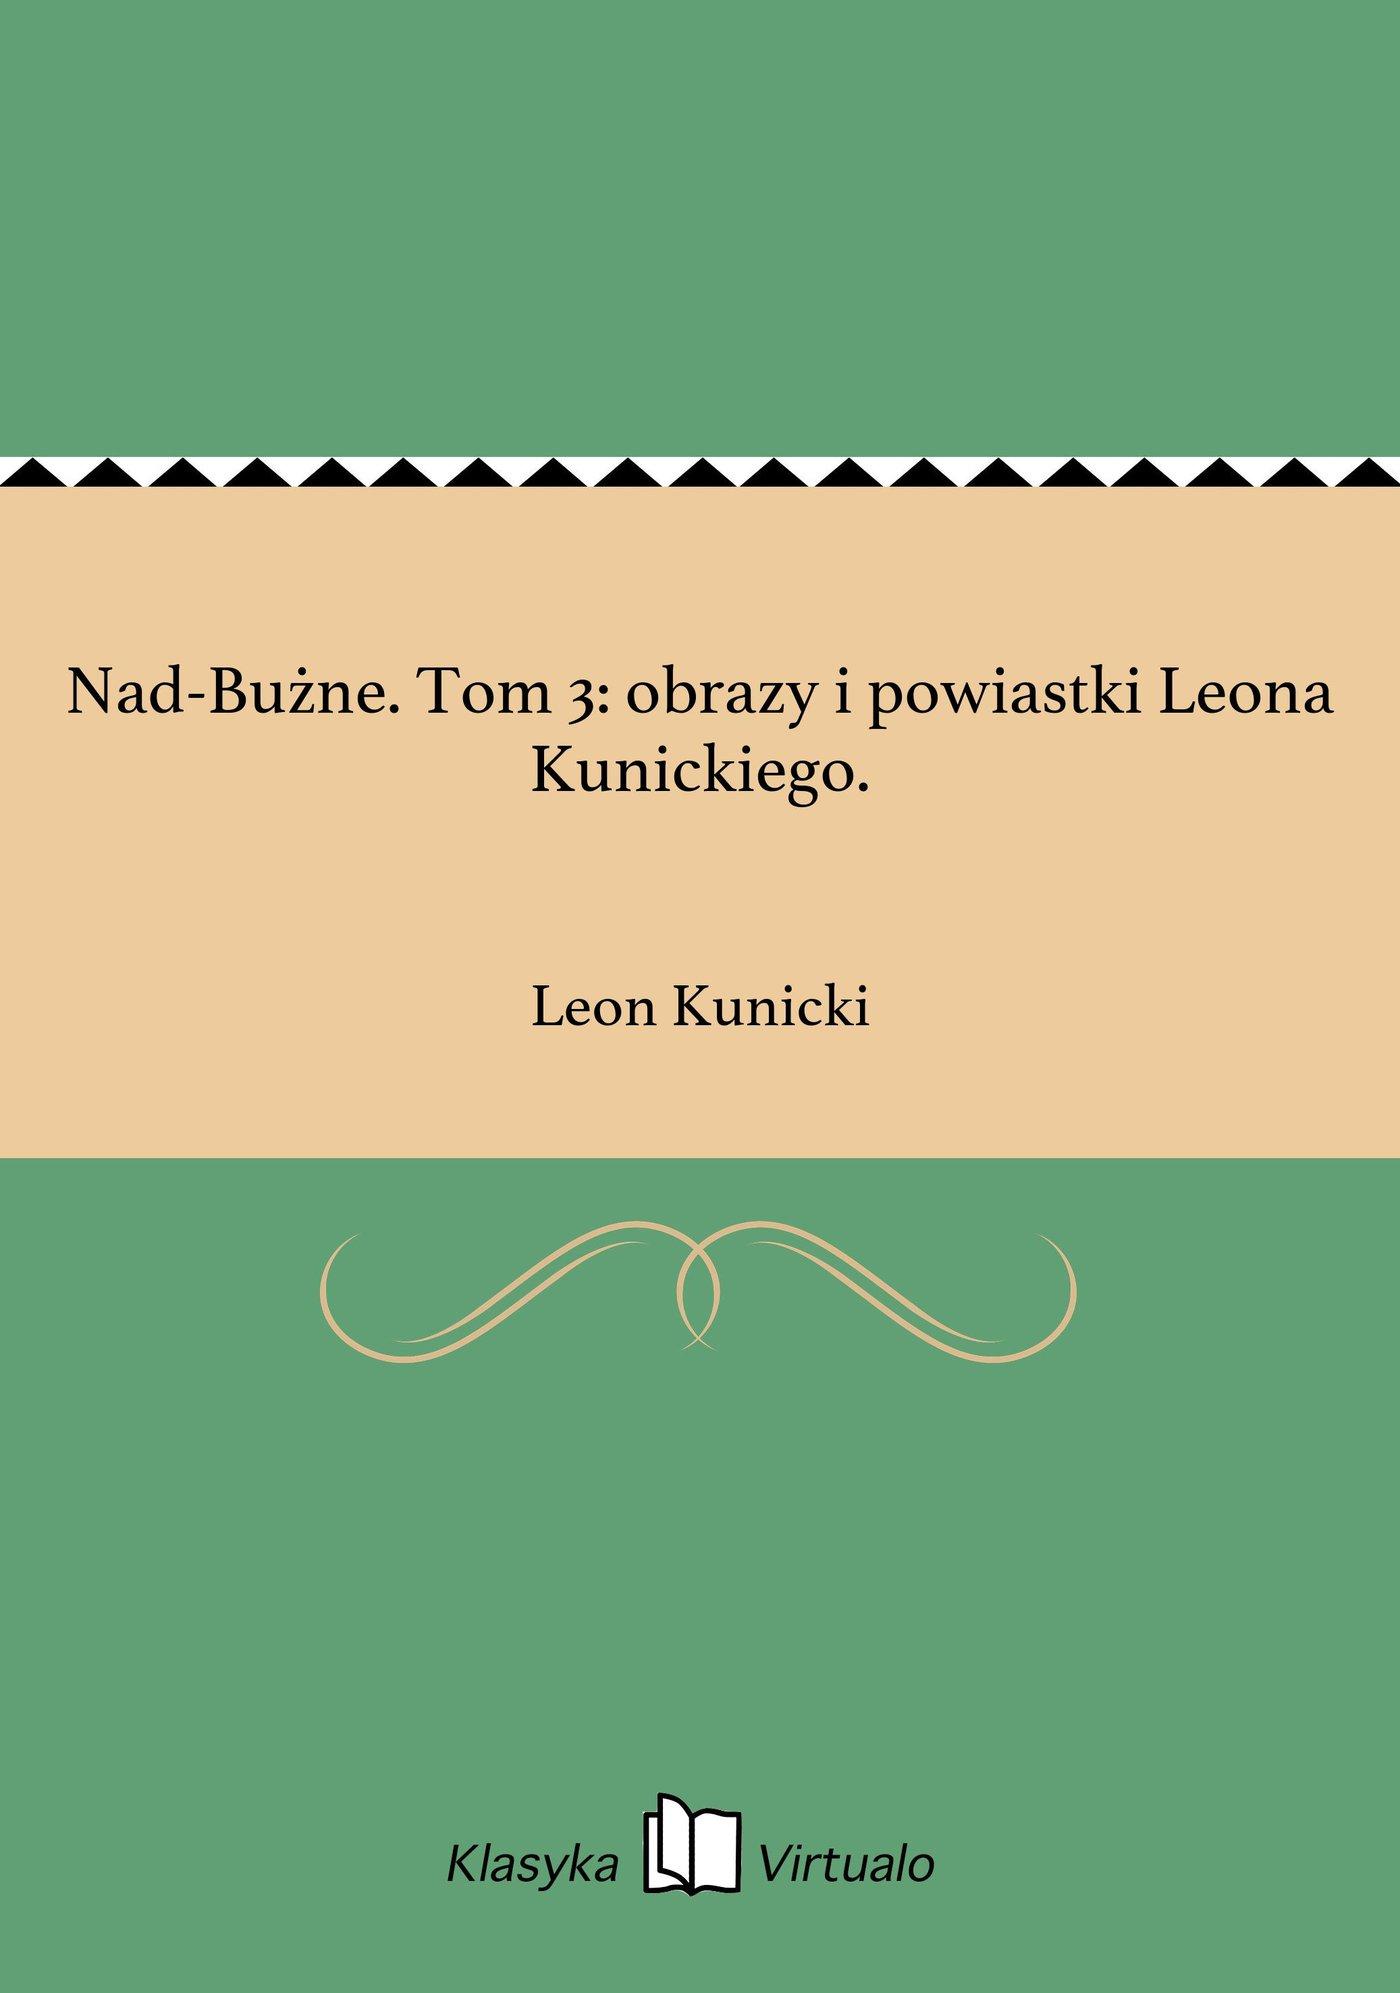 Nad-Bużne. Tom 3: obrazy i powiastki Leona Kunickiego. - Ebook (Książka na Kindle) do pobrania w formacie MOBI